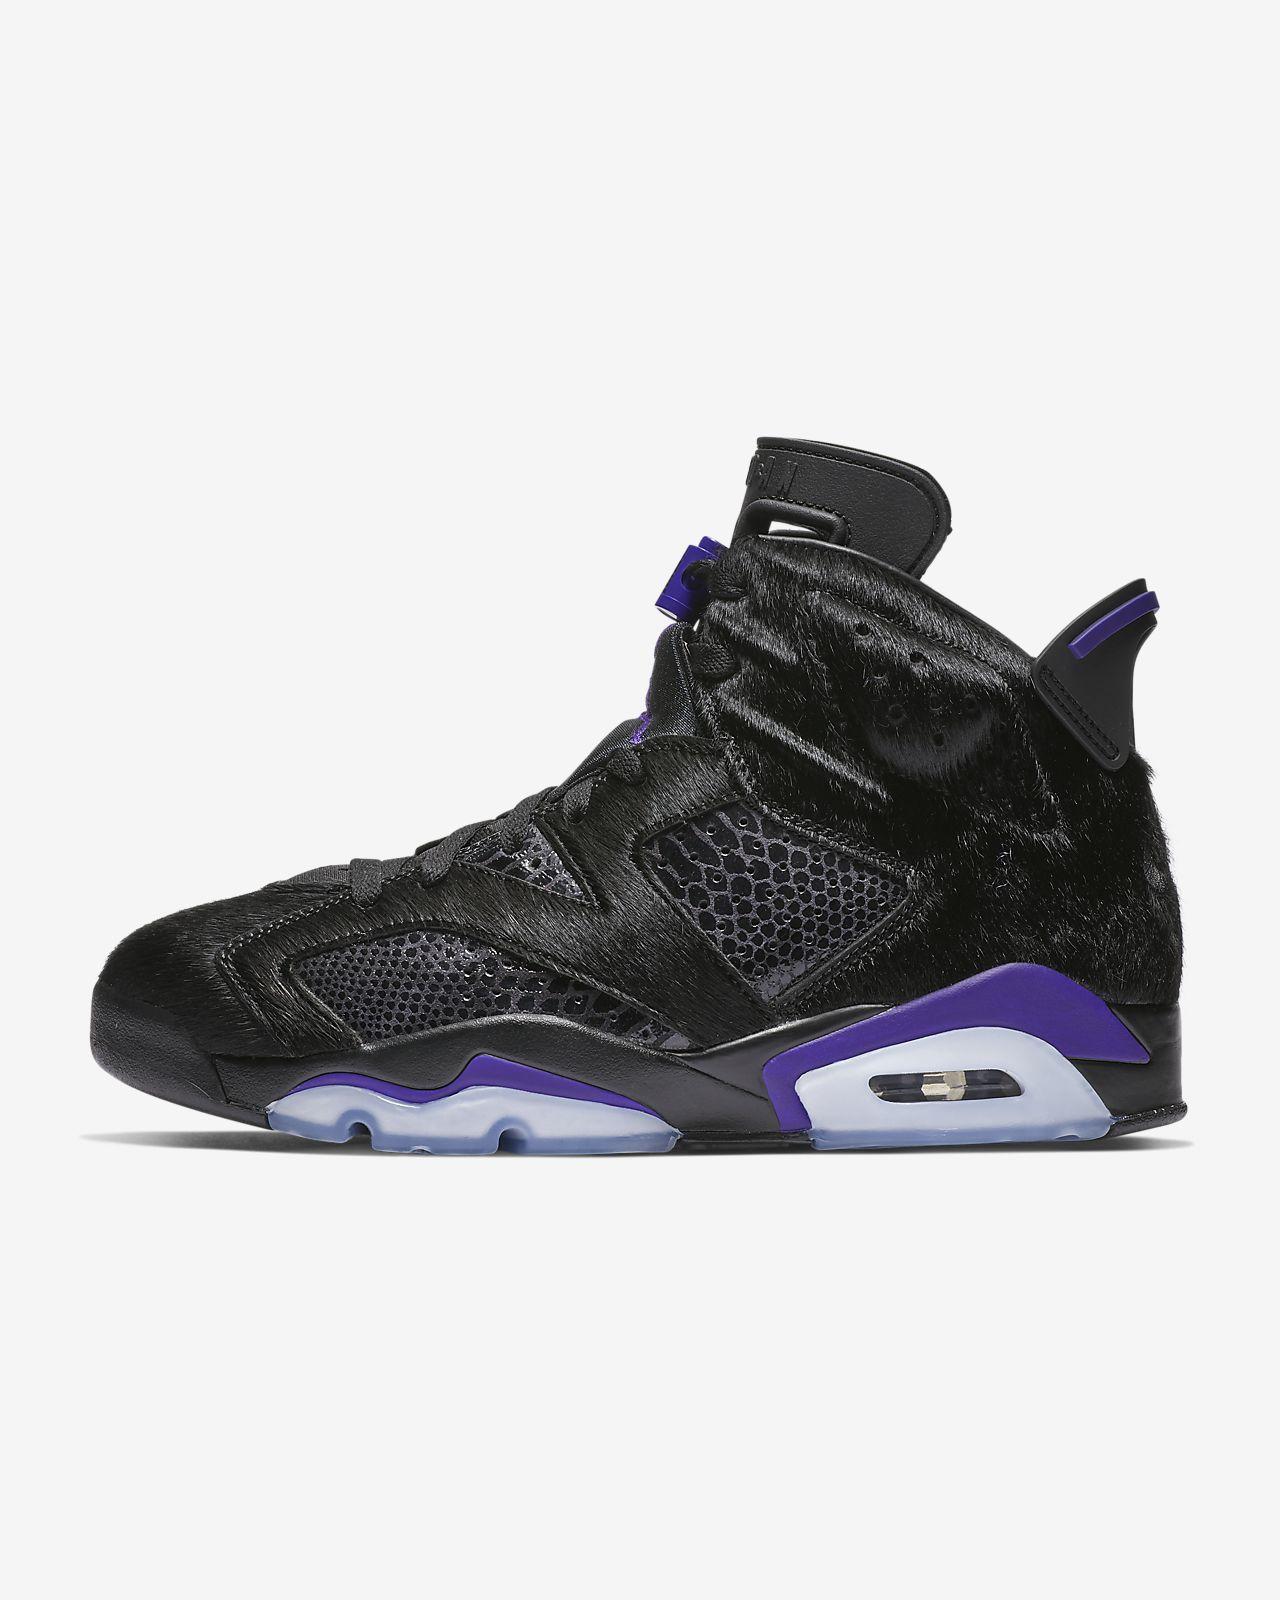 รองเท้าผู้ชาย Air Jordan 6 Retro